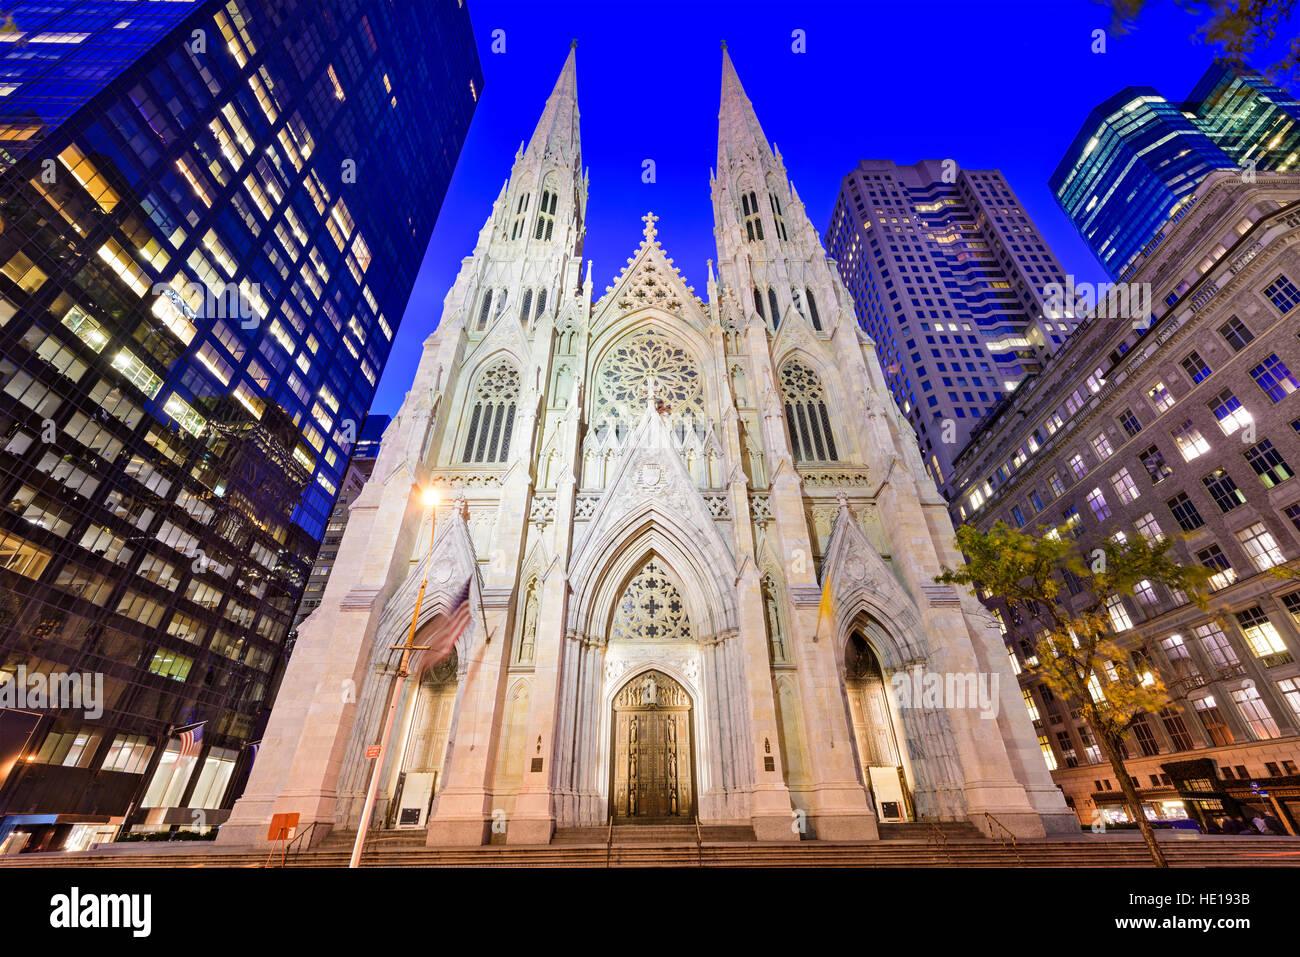 La Catedral de San Patricio en Nueva York. Imagen De Stock